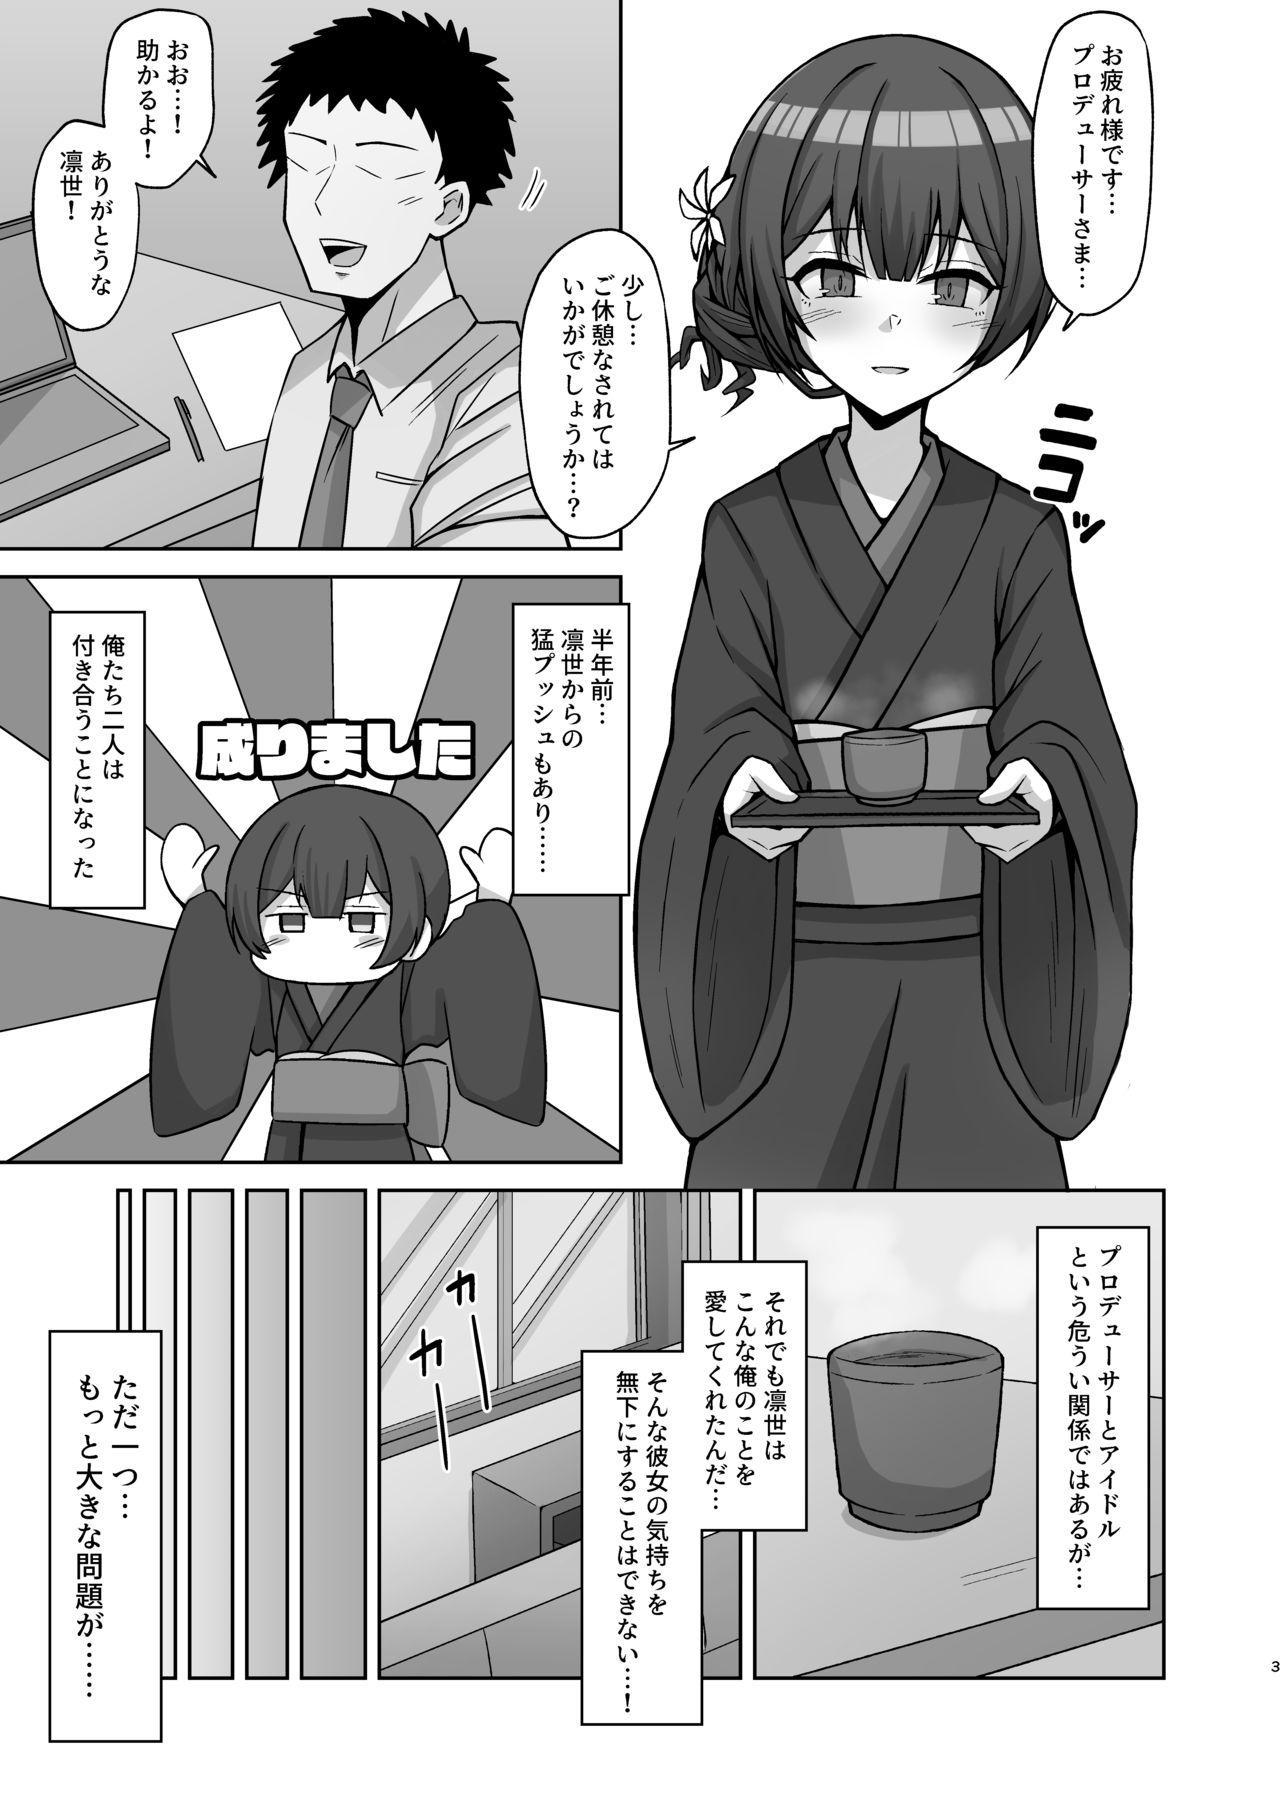 Seiyoku Morimori Morino Rinze 1